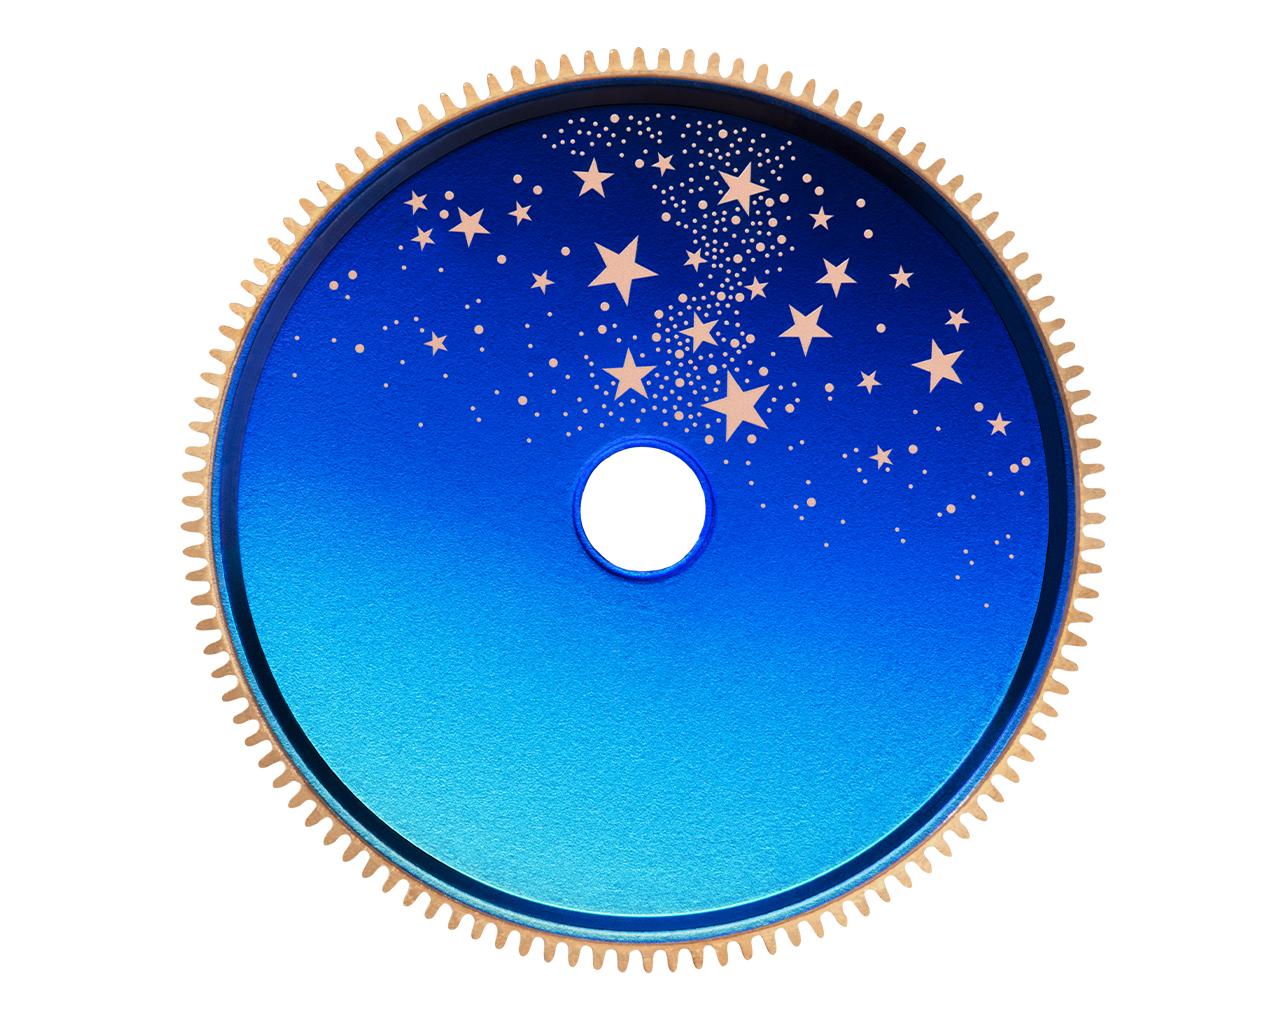 Lange 1 Moon Phase celestial disk details